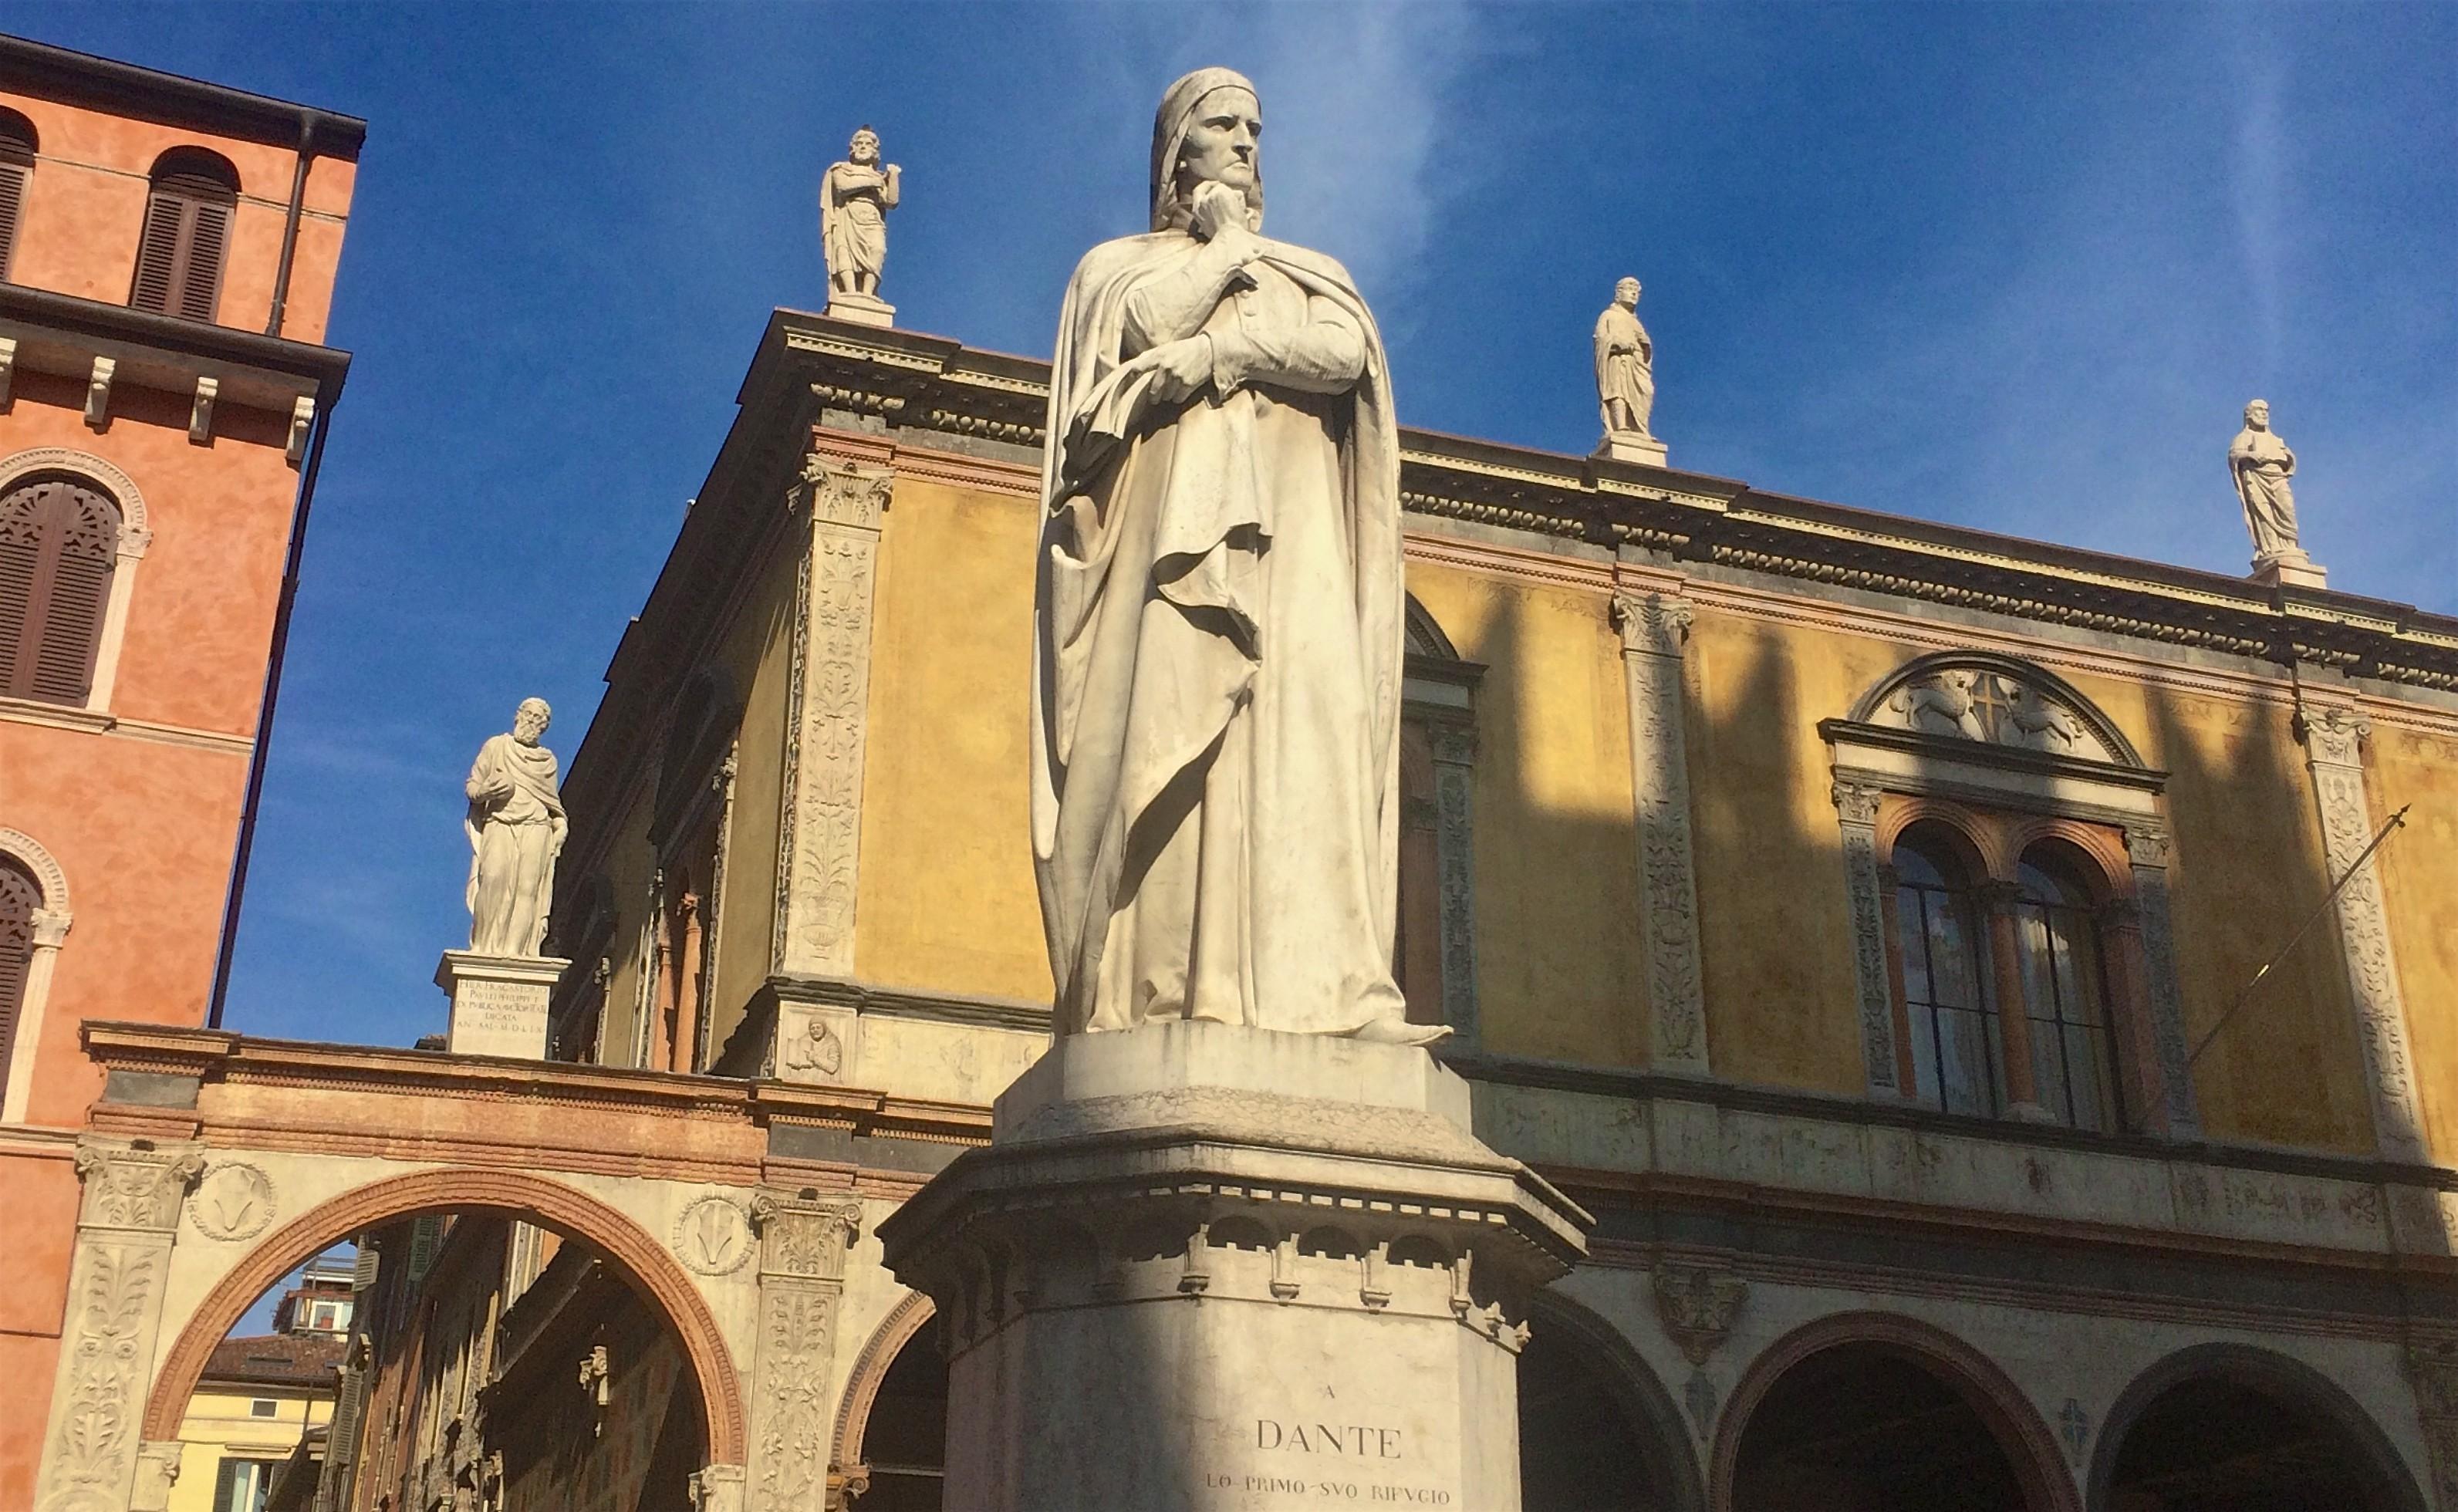 Piazza_Dante,_Verona,_Italy